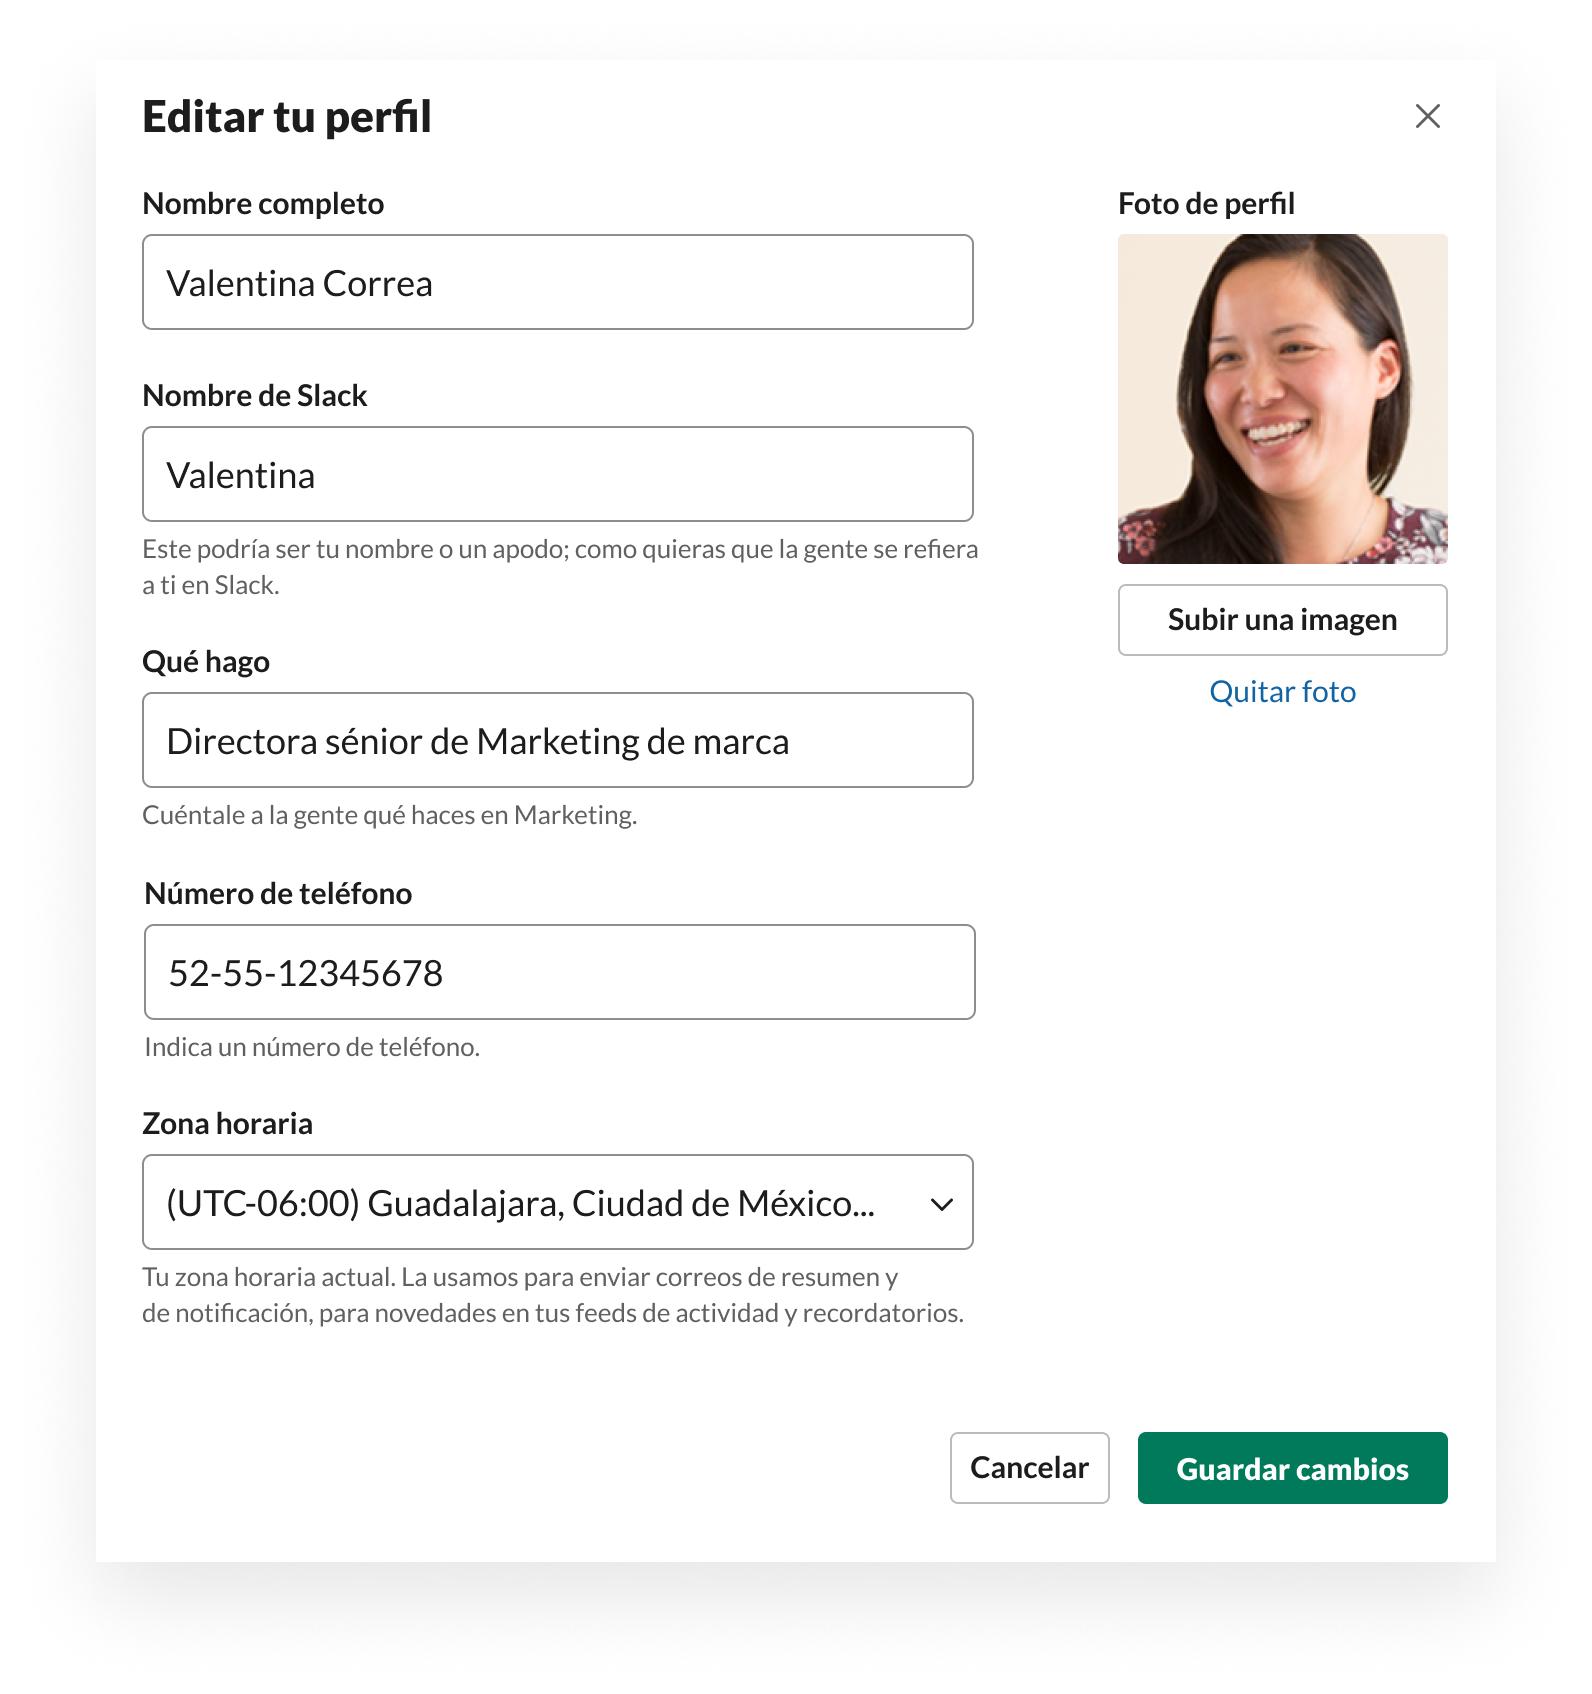 Interfaz de usuario de Slack mostrando cómo editar el perfil incluyendo una foto, el nombre, el cargo, la zona horaria y el número de teléfono